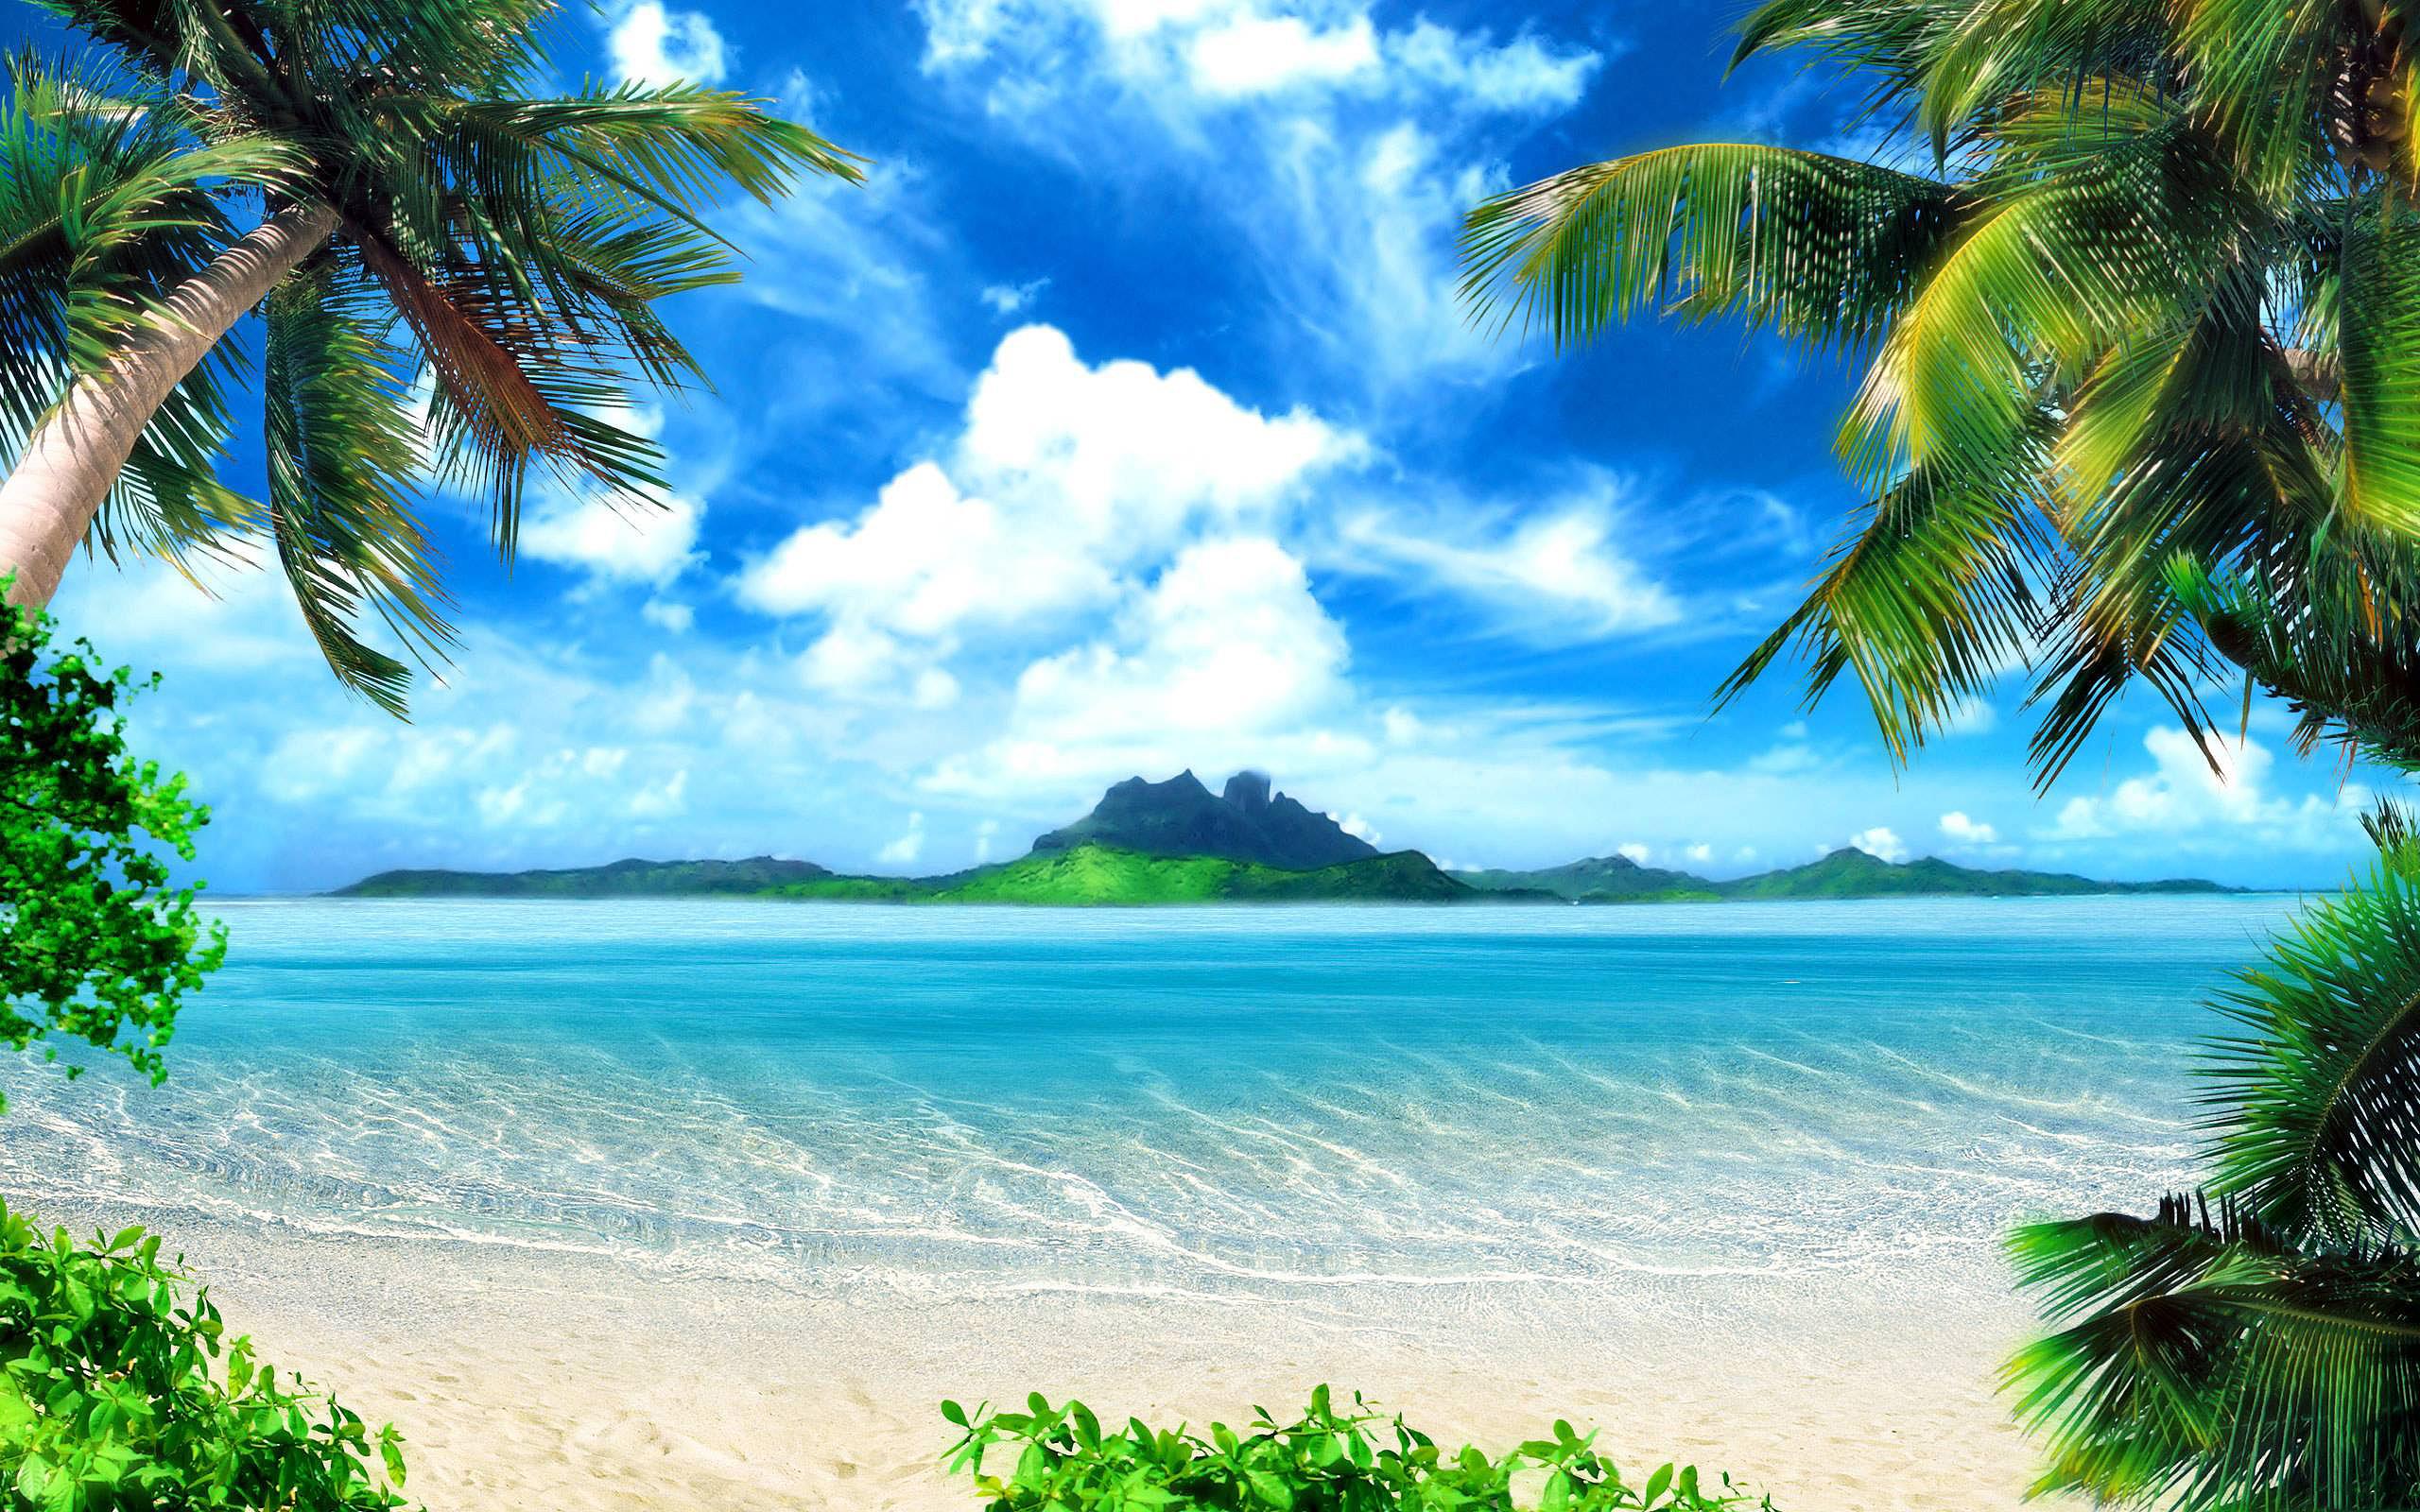 Tropical Beach Wallpaper HD wallpaper background